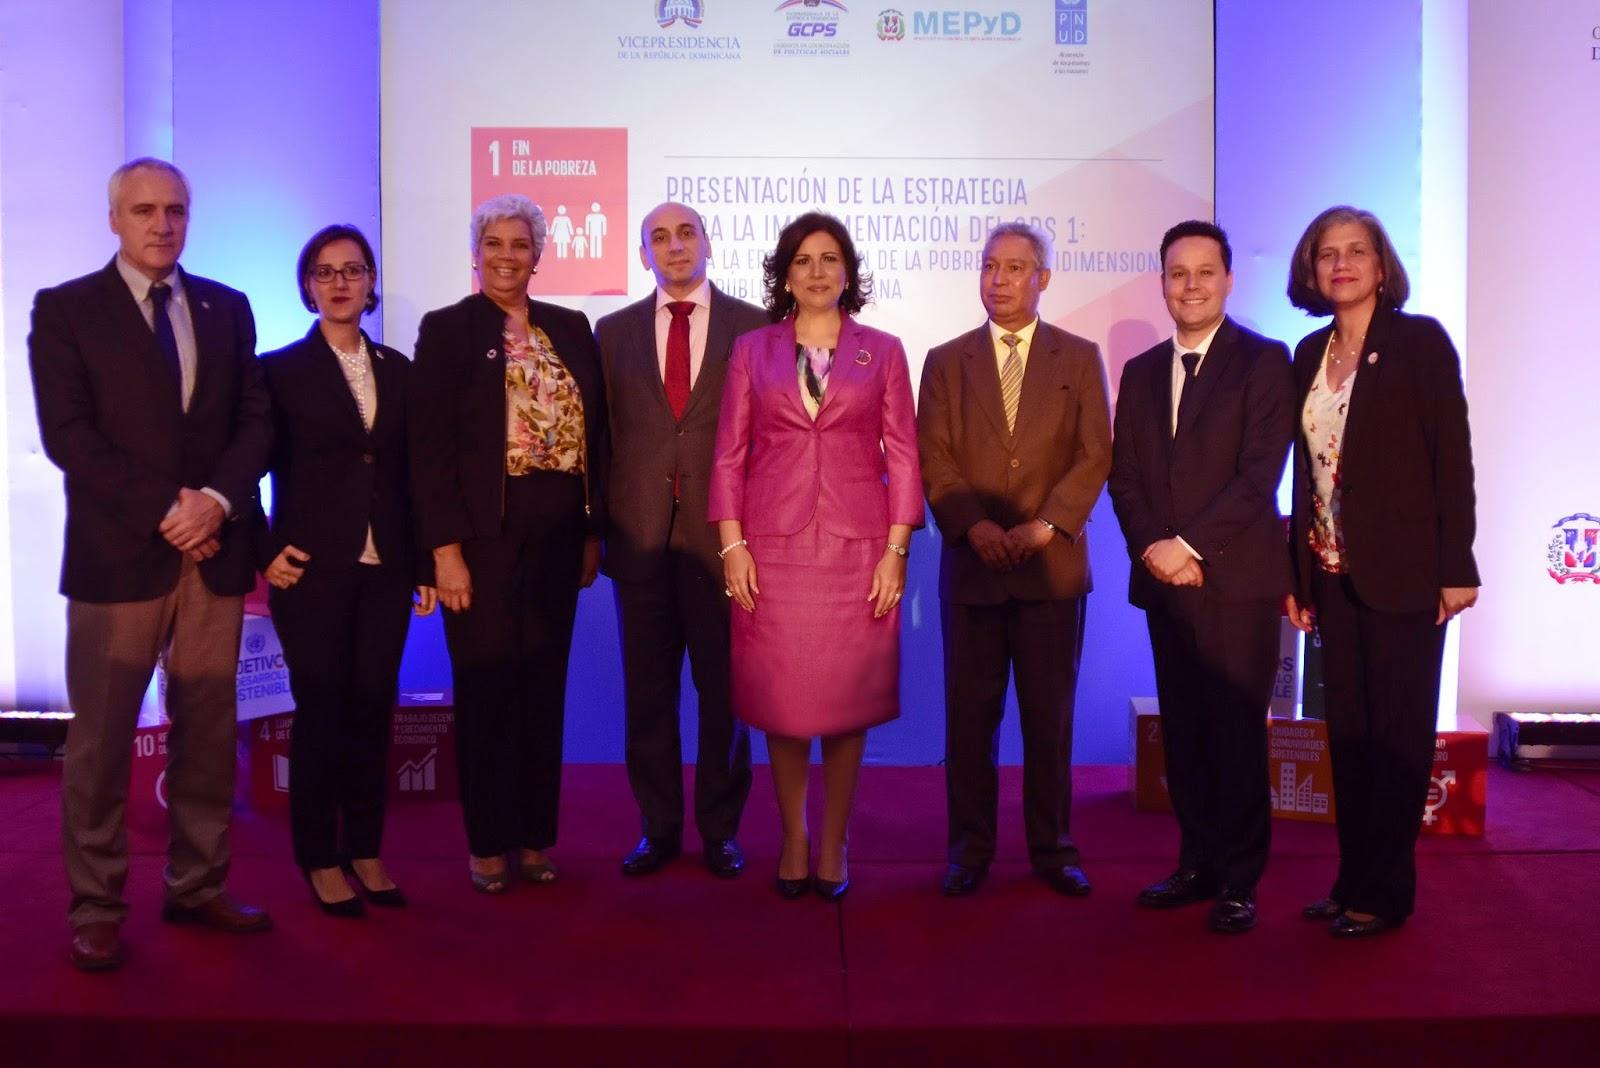 Gobierno y PNUD presentan estrategia para impulsar Desarrollo Sostenible y eliminar la pobreza